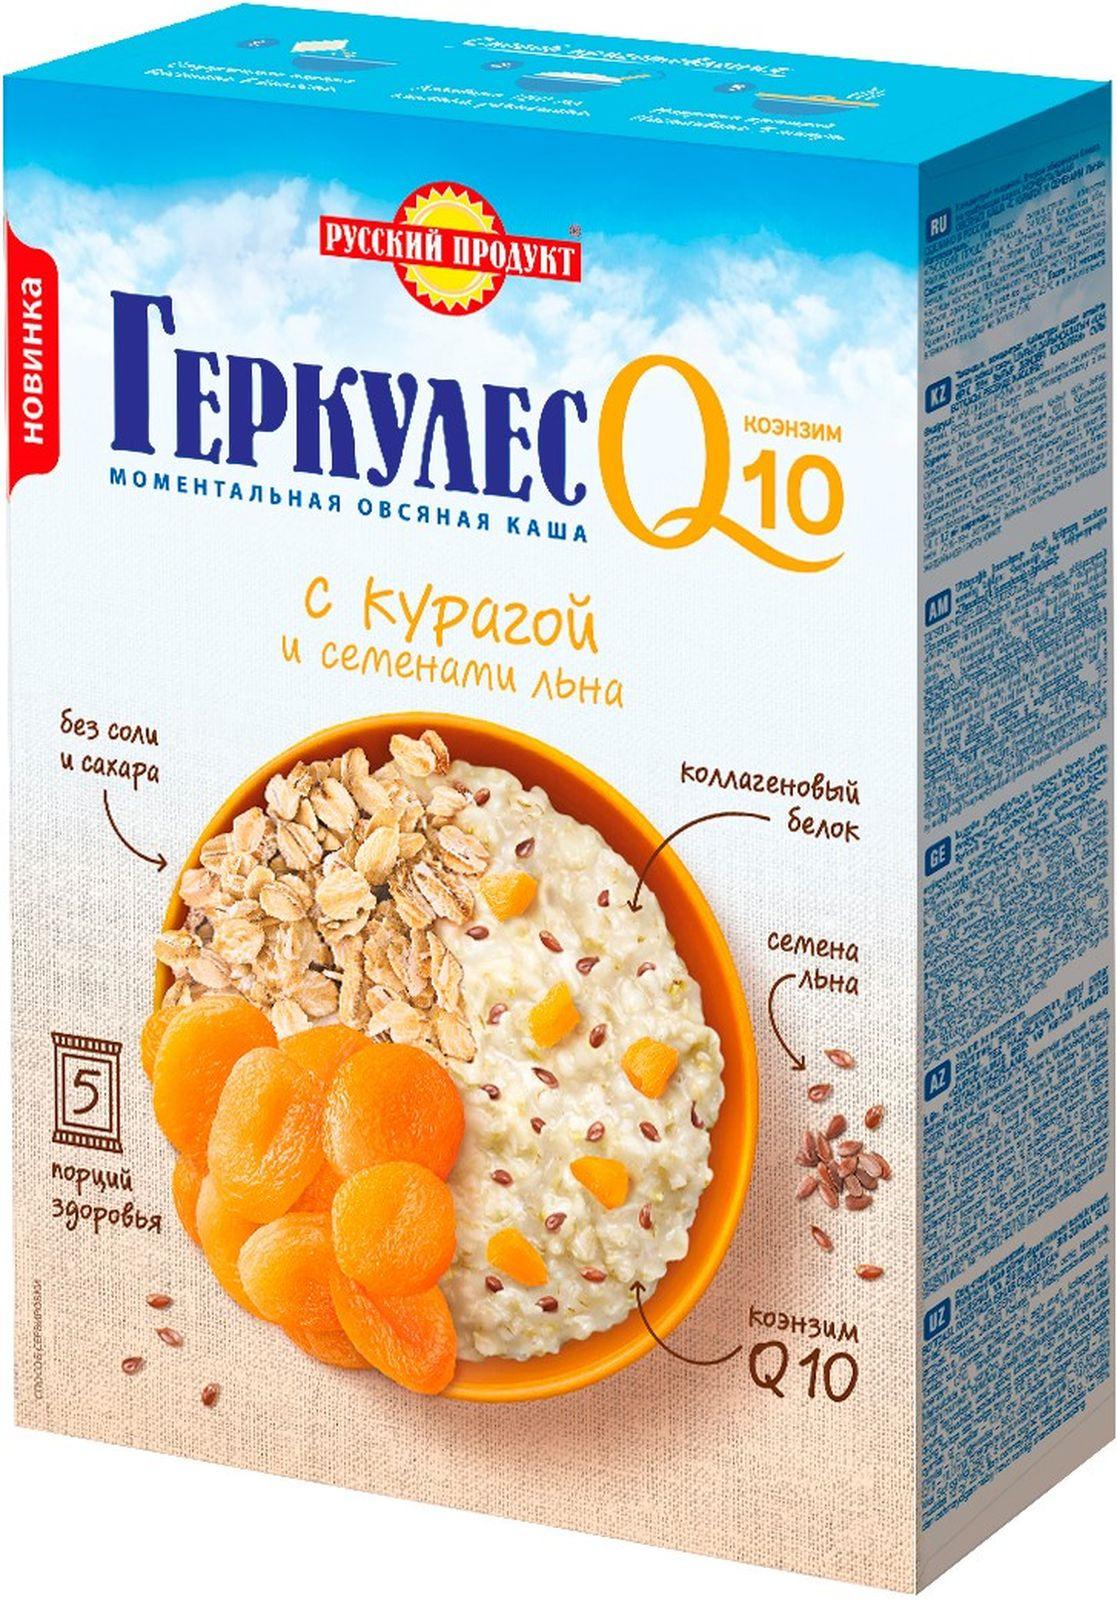 Овсяная каша-момент Геркулес Q10 с курагой и семенами льна, 5 шт по 50 г